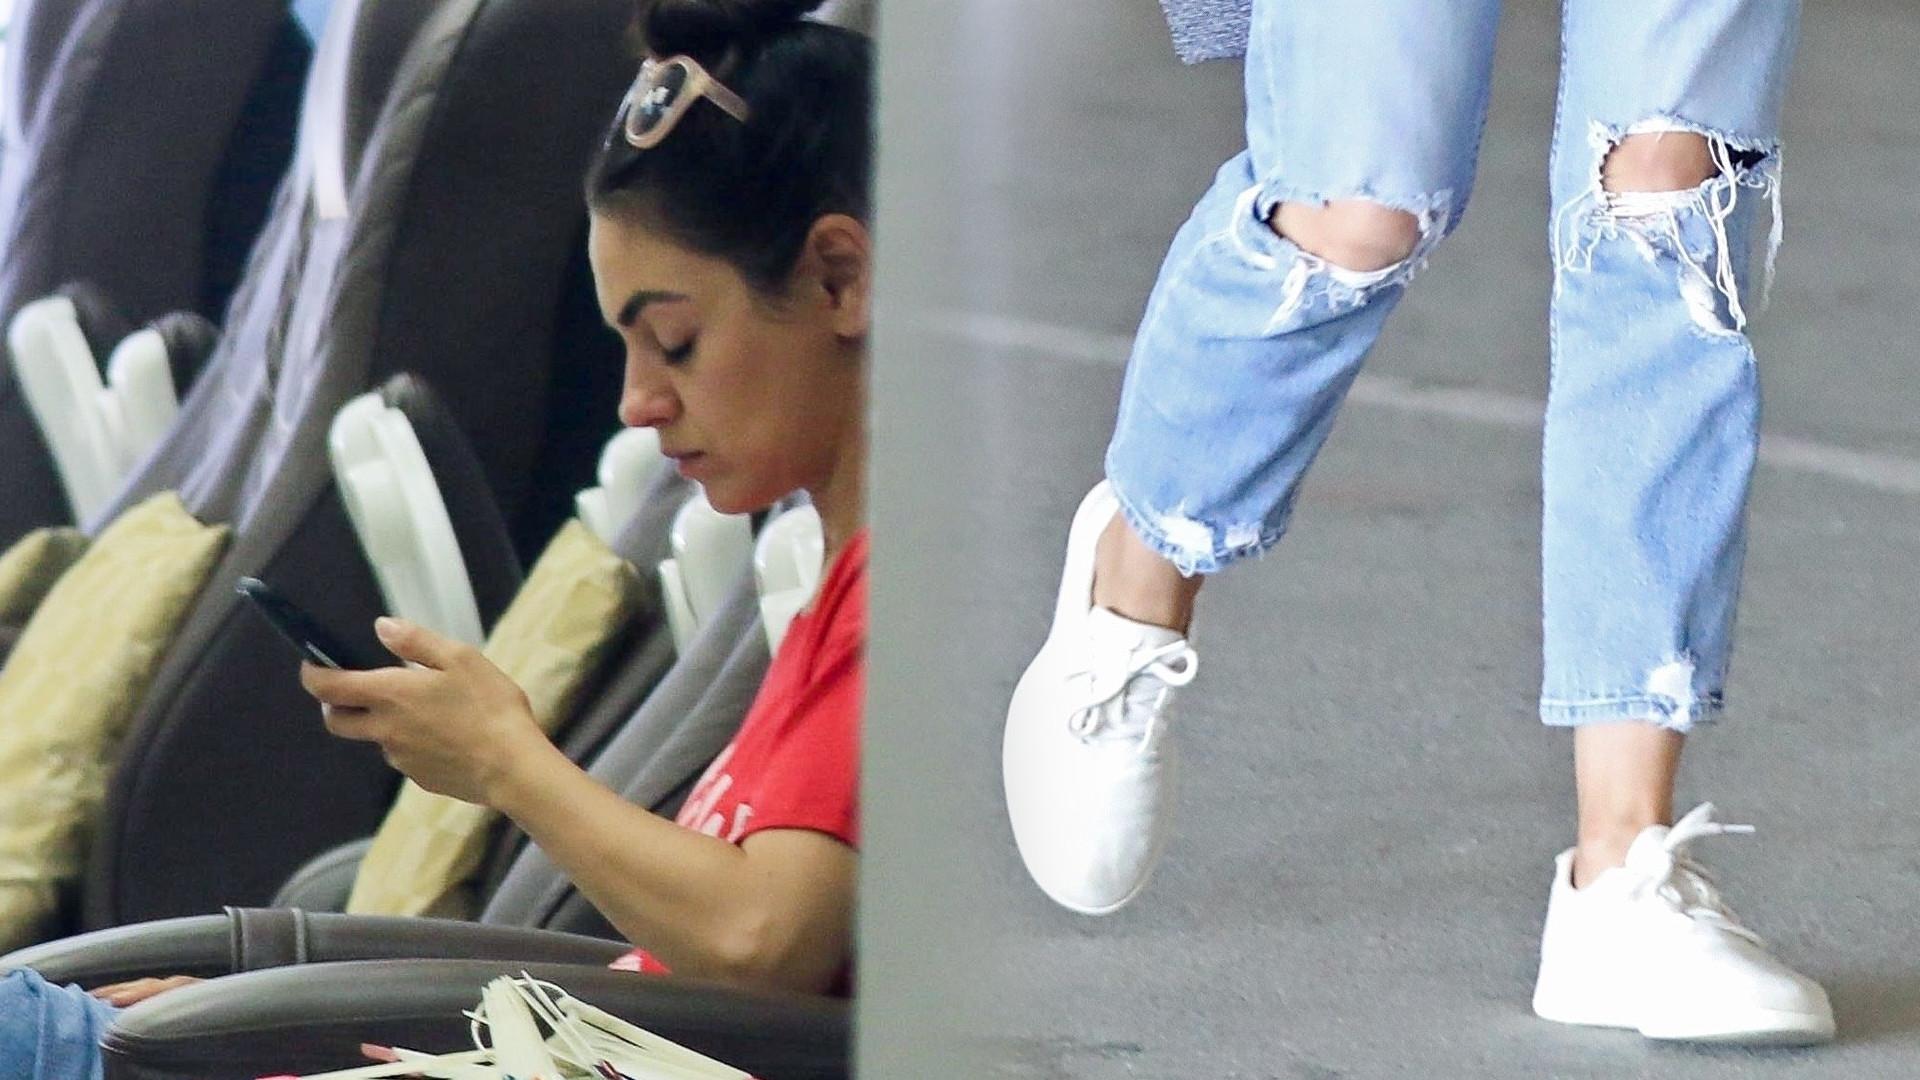 Mila Kunis na co dzień ma GDZIEŚ makijaż – tak poszła do salonu kosmetycznego (ZDJĘCIA)